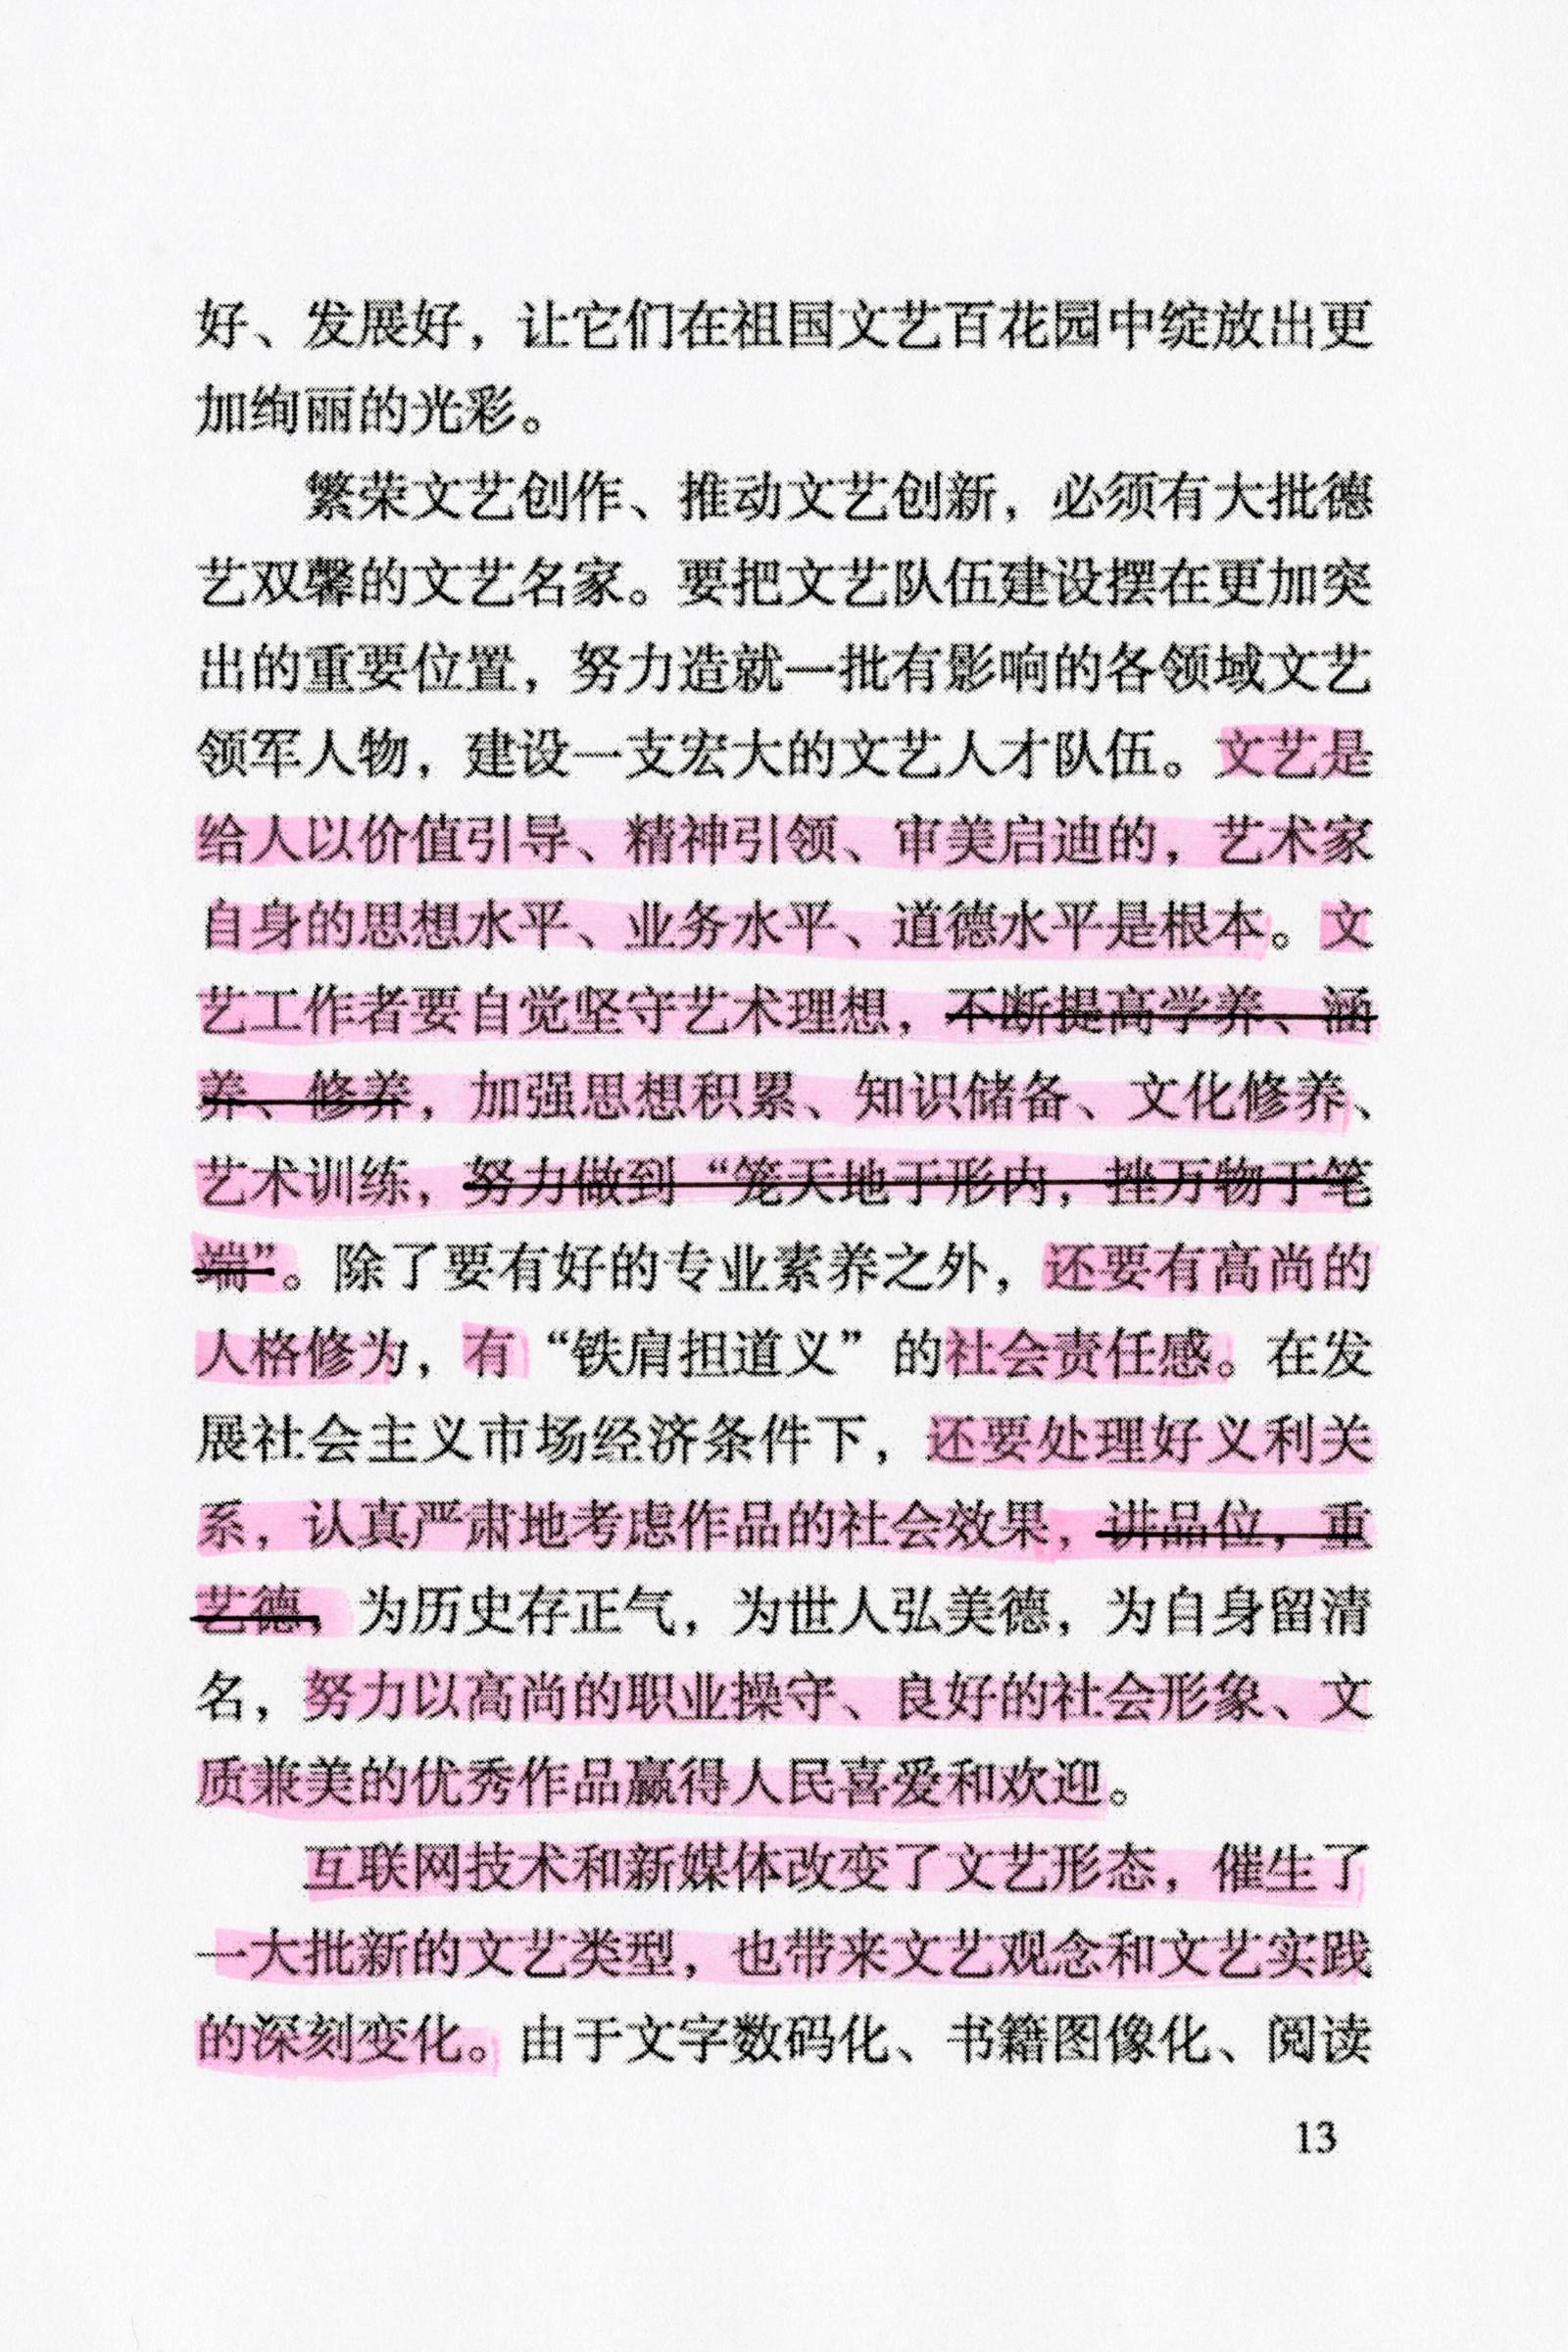 Xi2-3-14.jpg